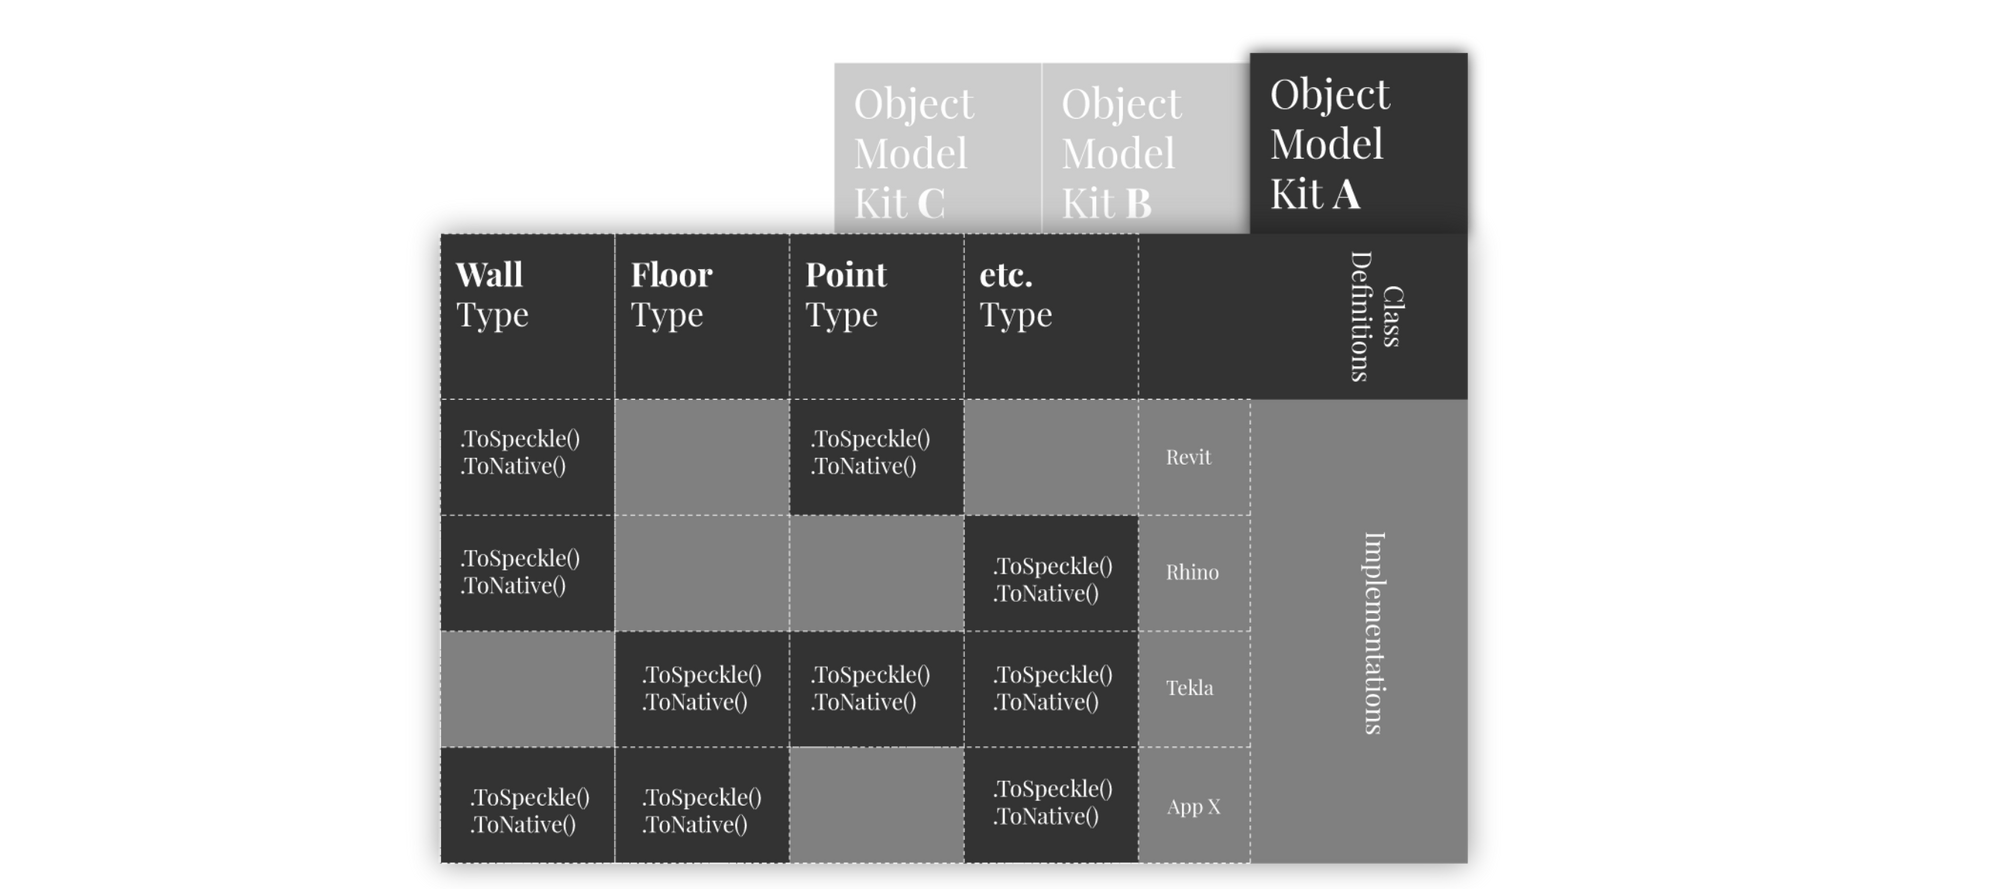 kit diagram